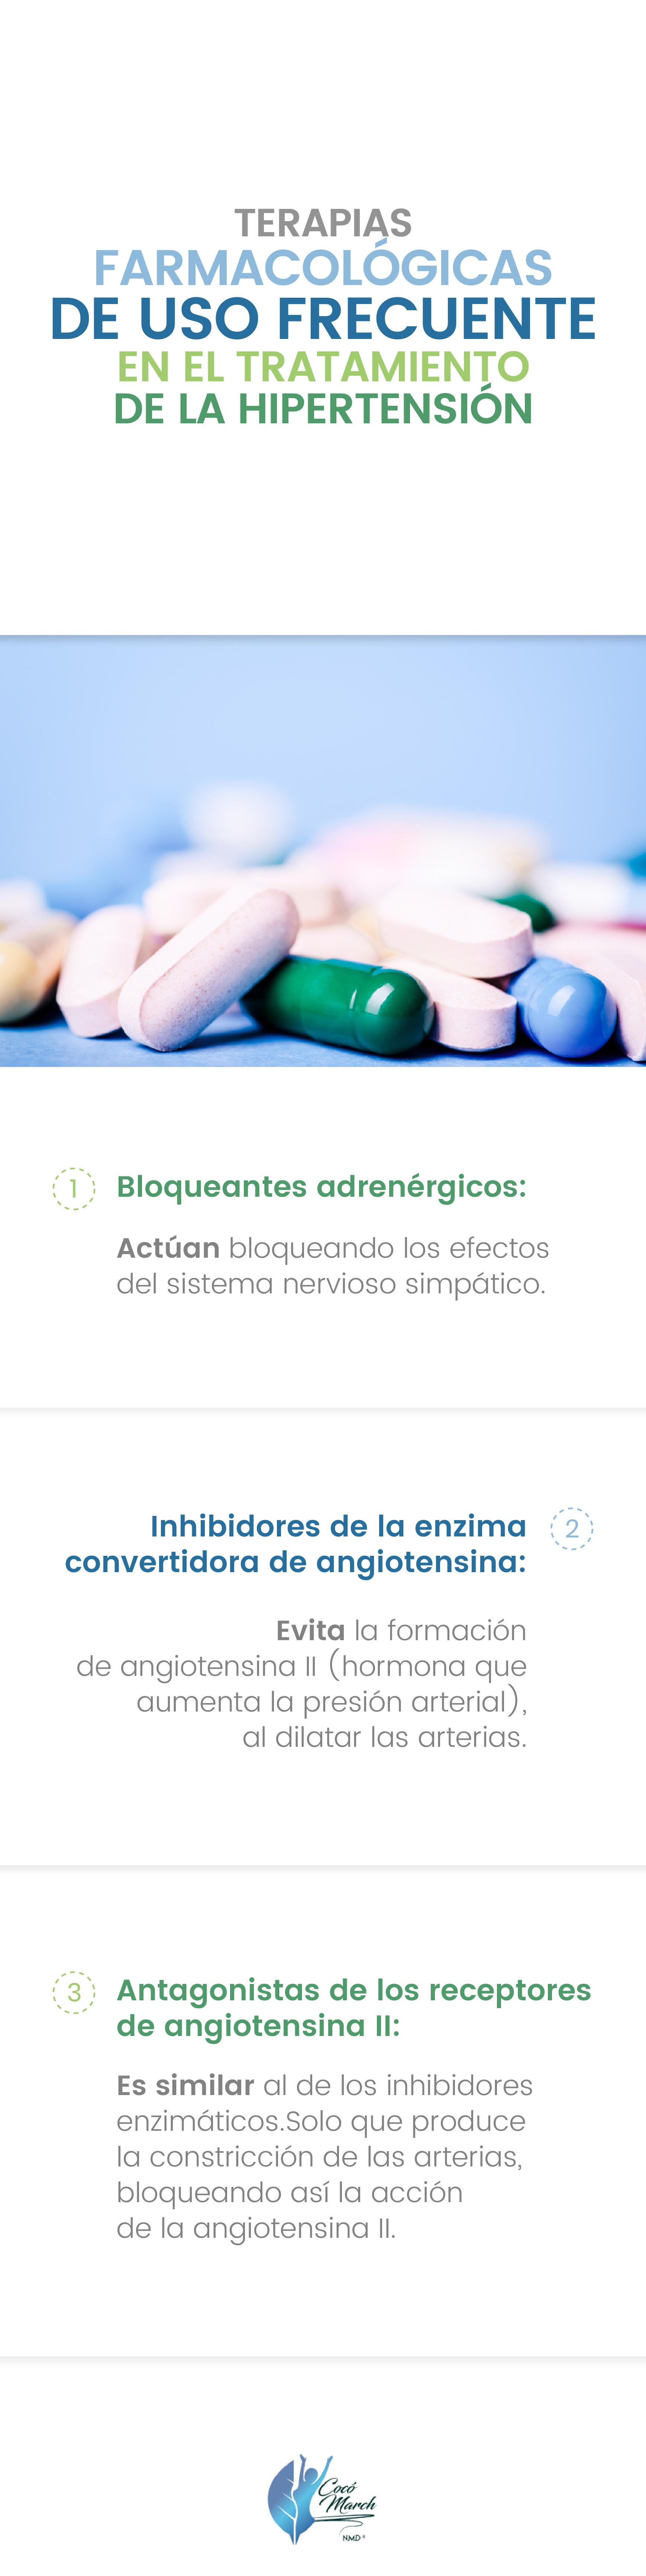 terapias-farmacologicas-de-uso-frecuente-para-la-hipertension